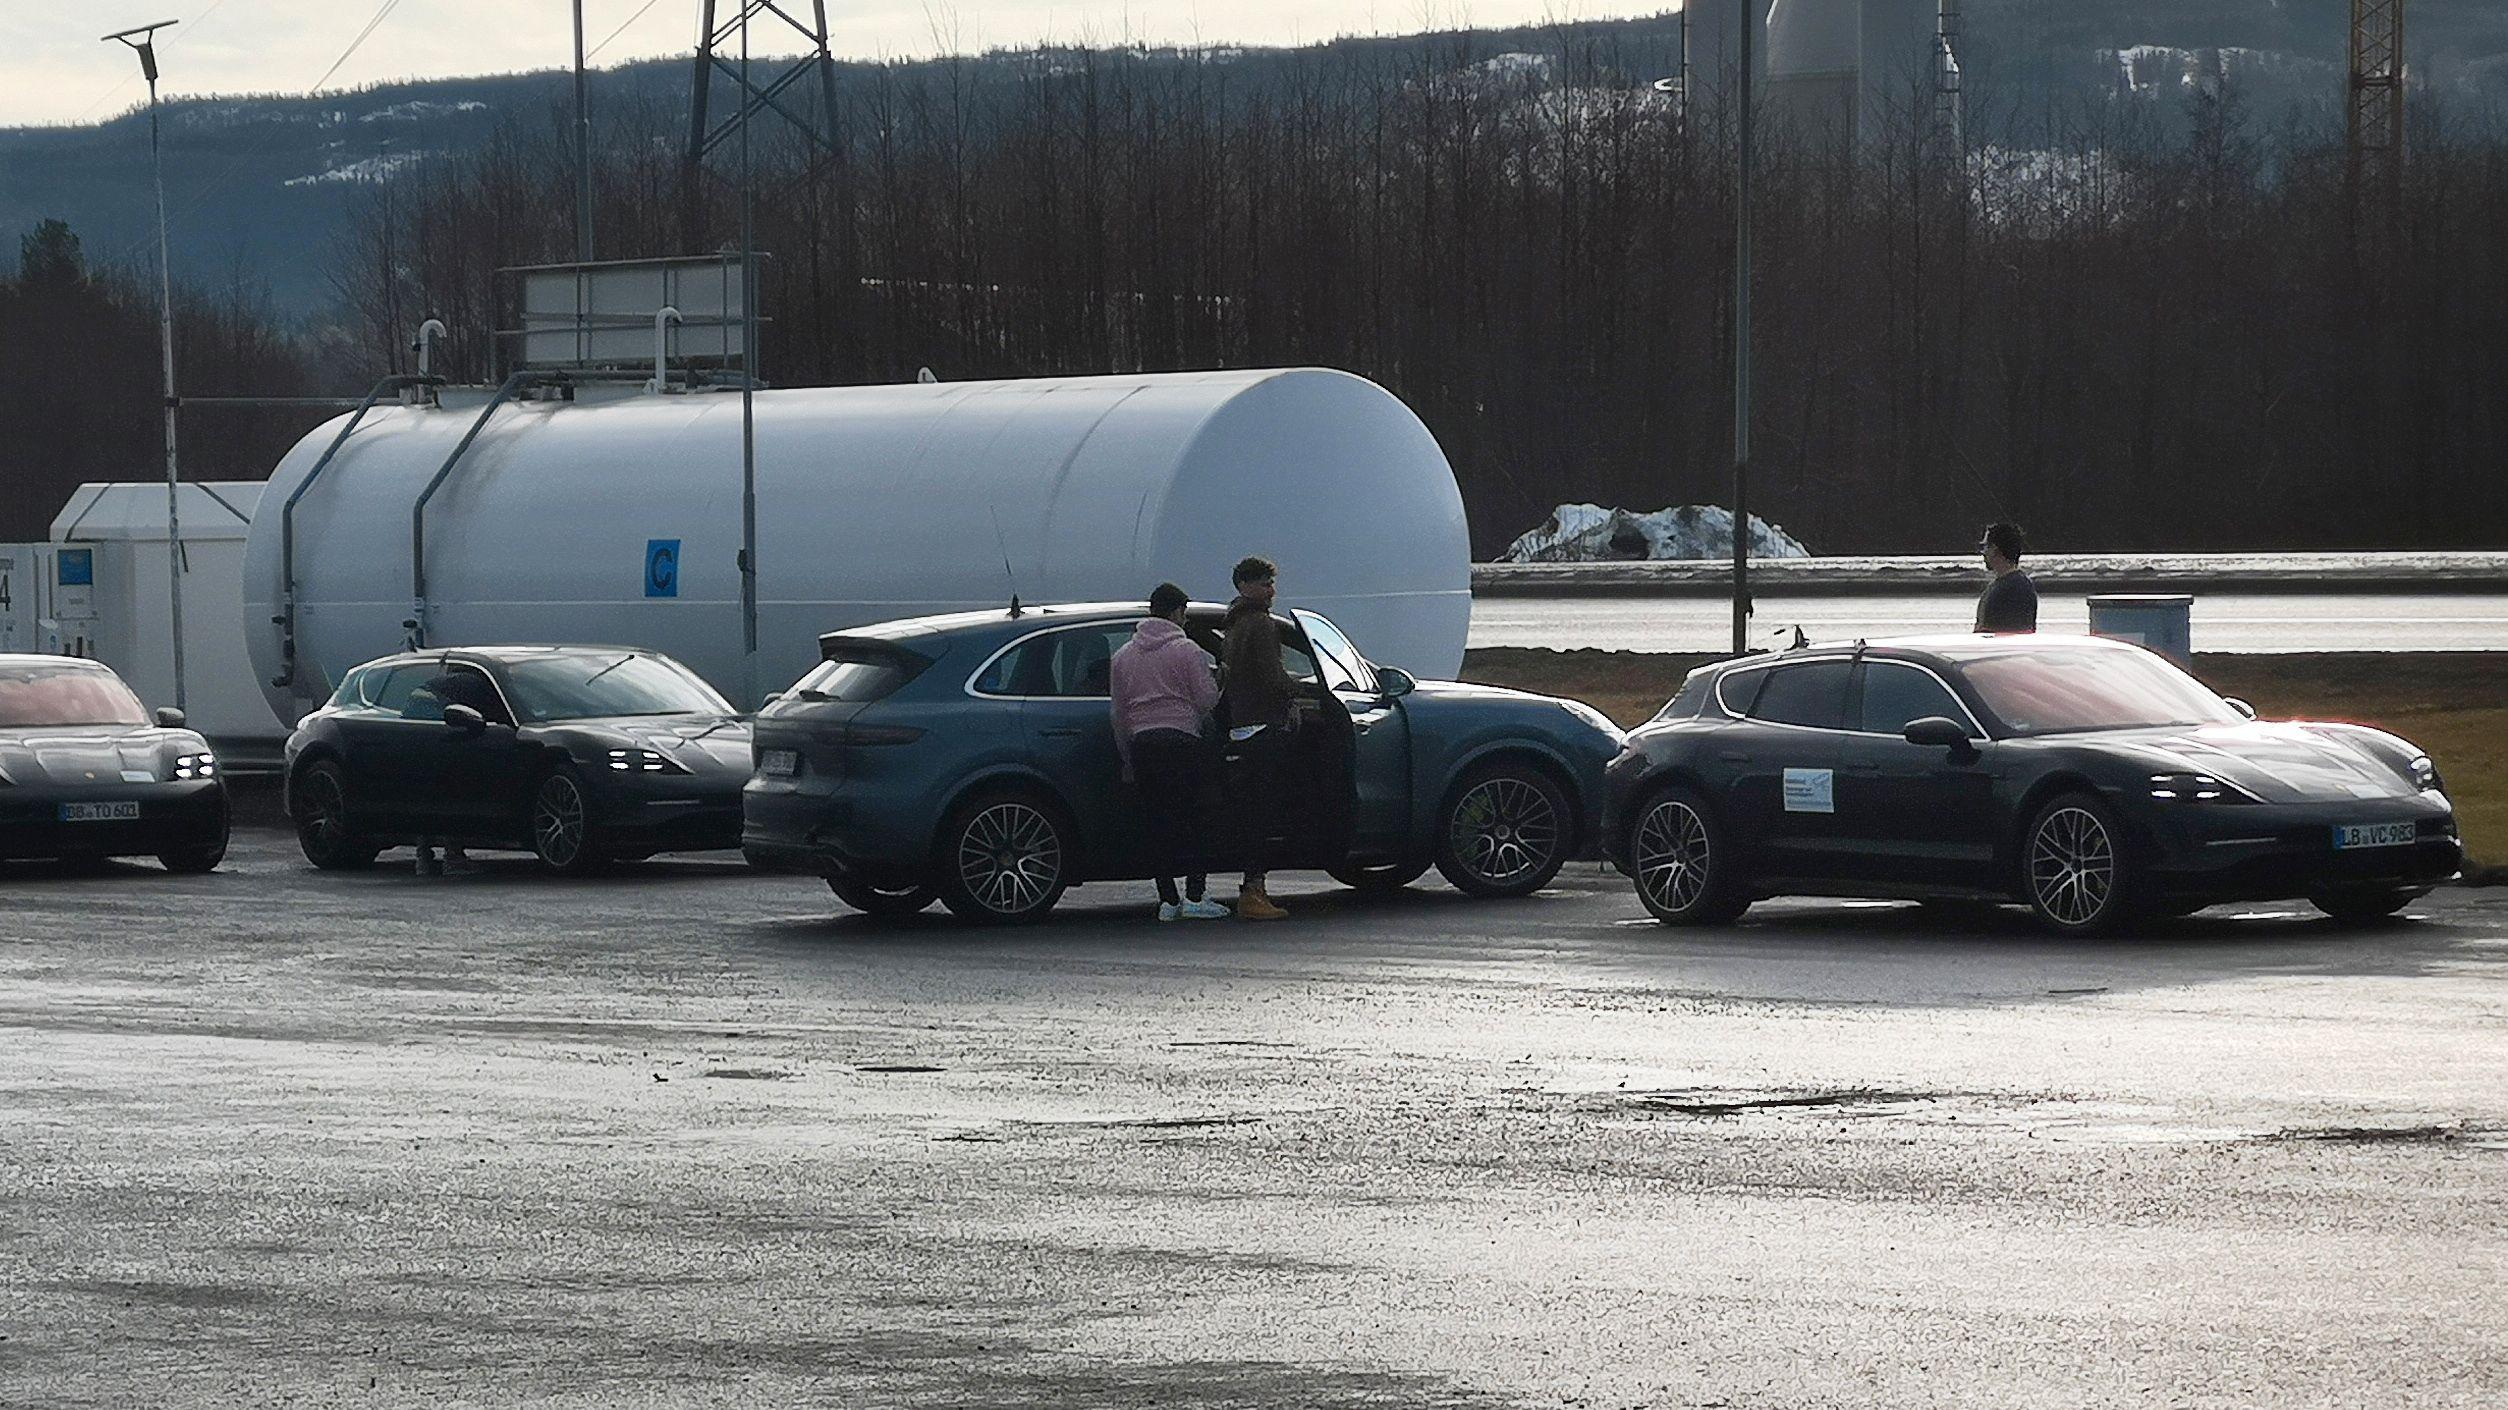 Det som høyst sannsynlig er Porsche Taycan Cross Turismo (til høyre i bildet) ble sett i Verdal i morges. Bilen var en del av en hel kortesje med Porsche-biler.